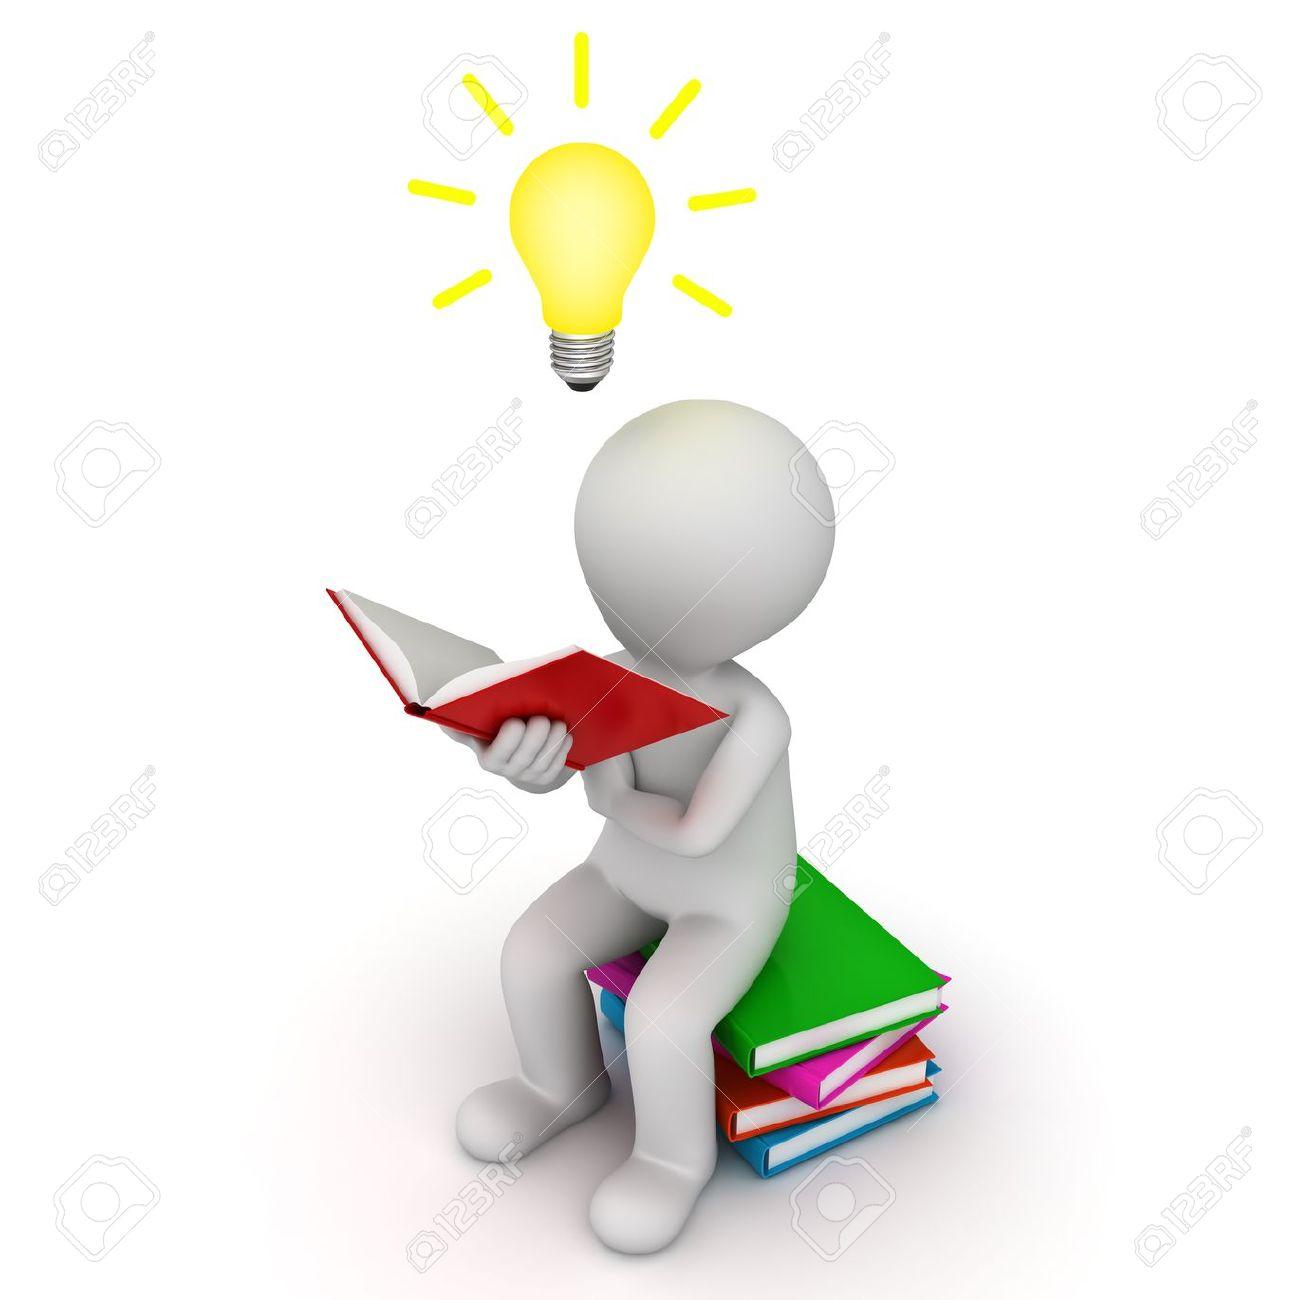 3d homme assis et lire le livre avec l idee ampoule sur fond blanc